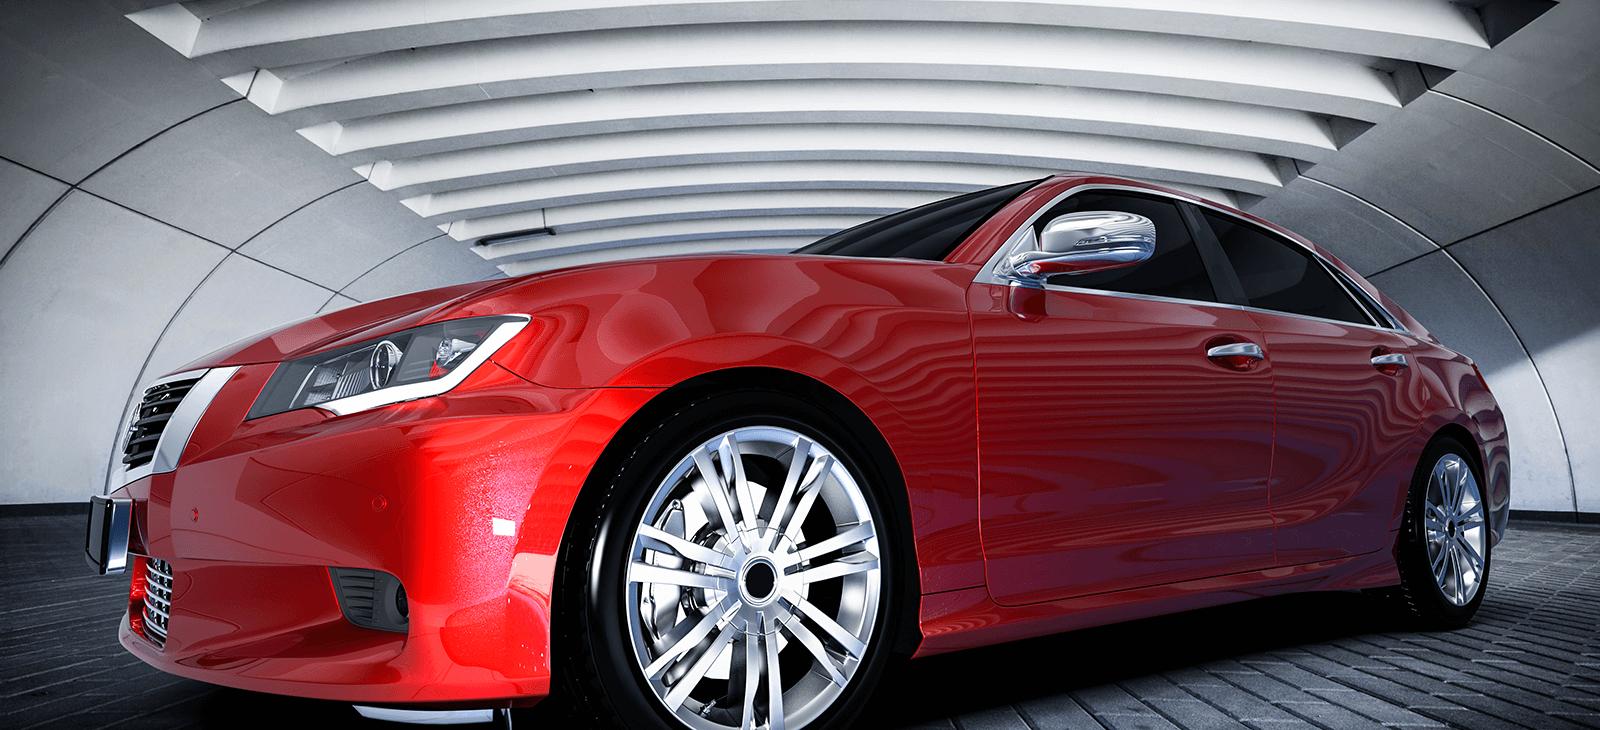 Lösungen von Struers für die Automobilindustrie